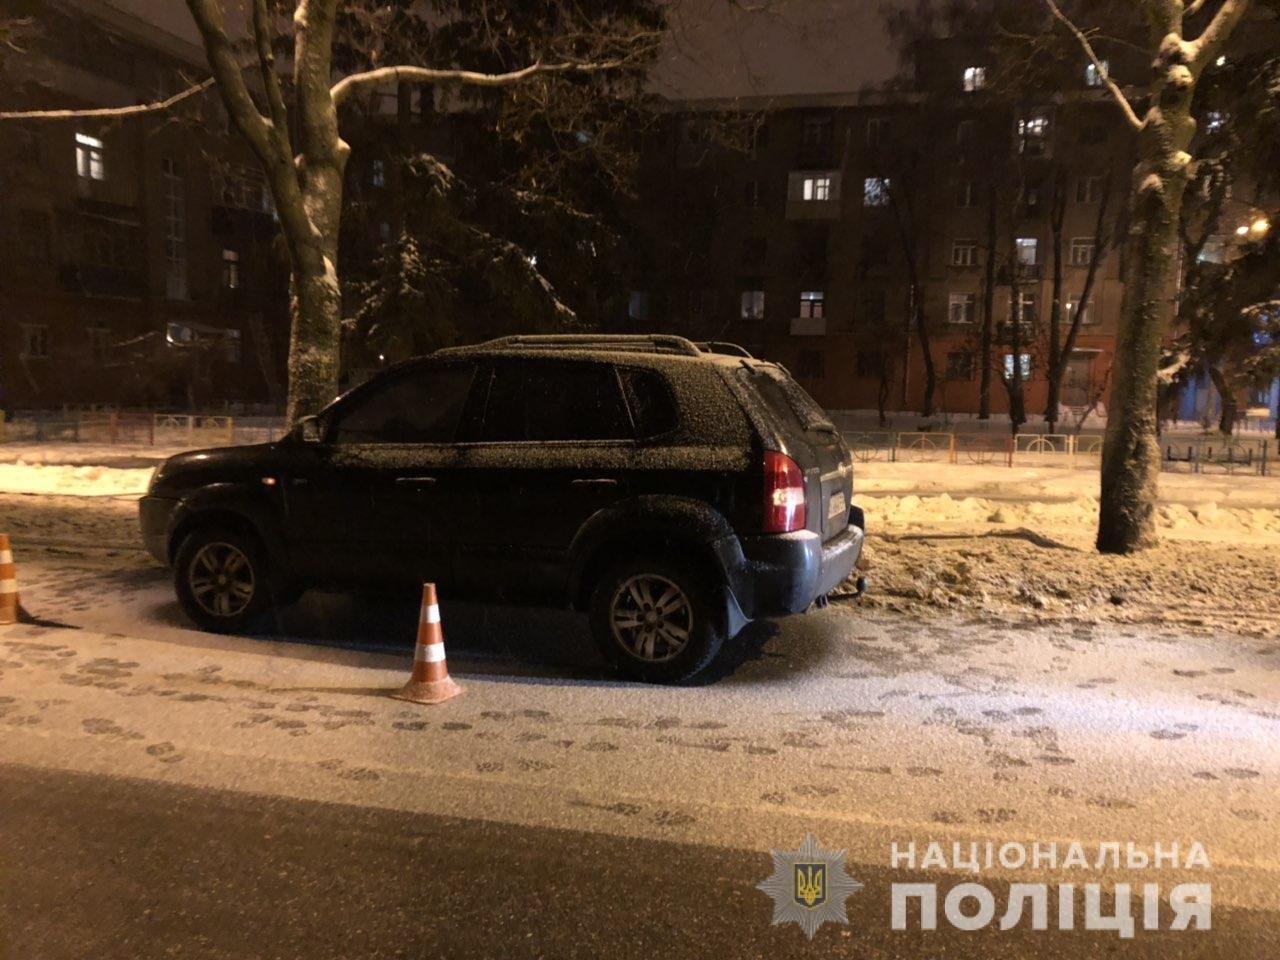 В полиции рассказали подробности аварии на улице Мира, - ФОТО, фото-1